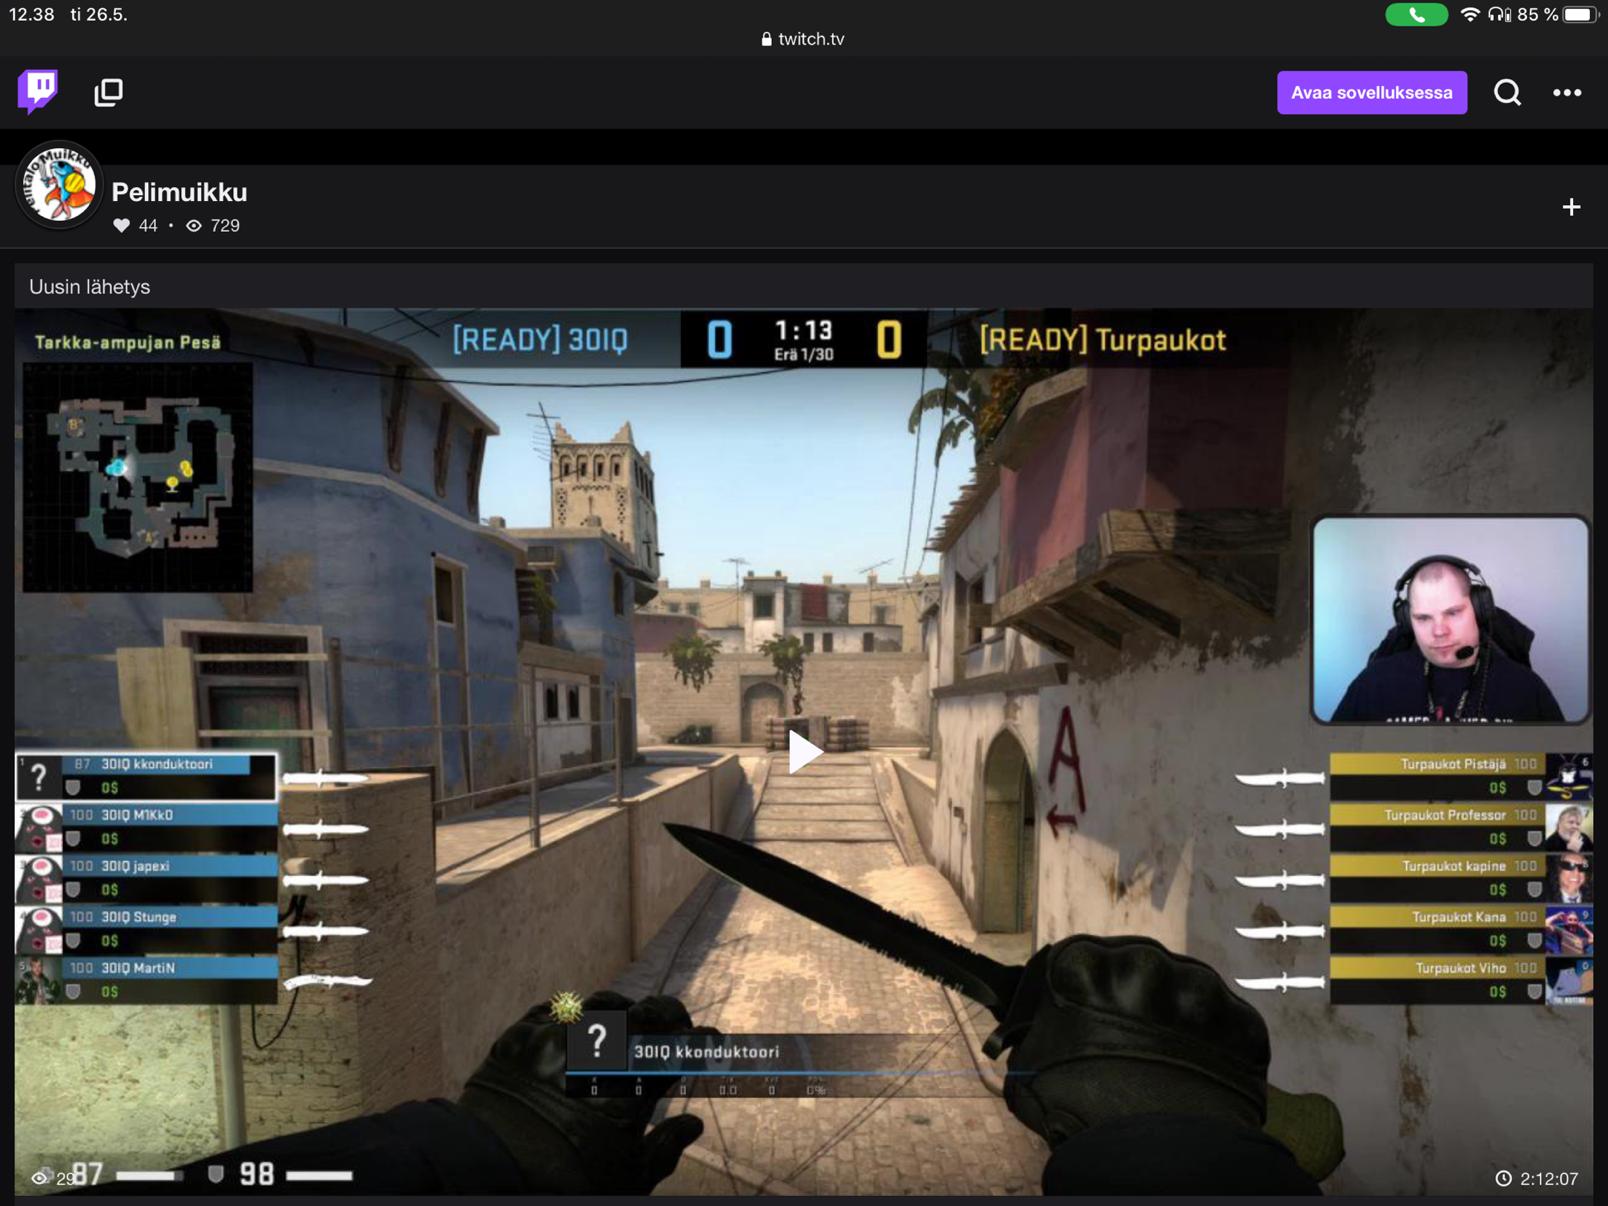 Kuvassa screenshot Pelitalo muikun twitch kanavalta, kuva otettu videosta, jolla pelataan CS-GO peliä ja käynnissä on peliporukoiden järjestämä turnaus.